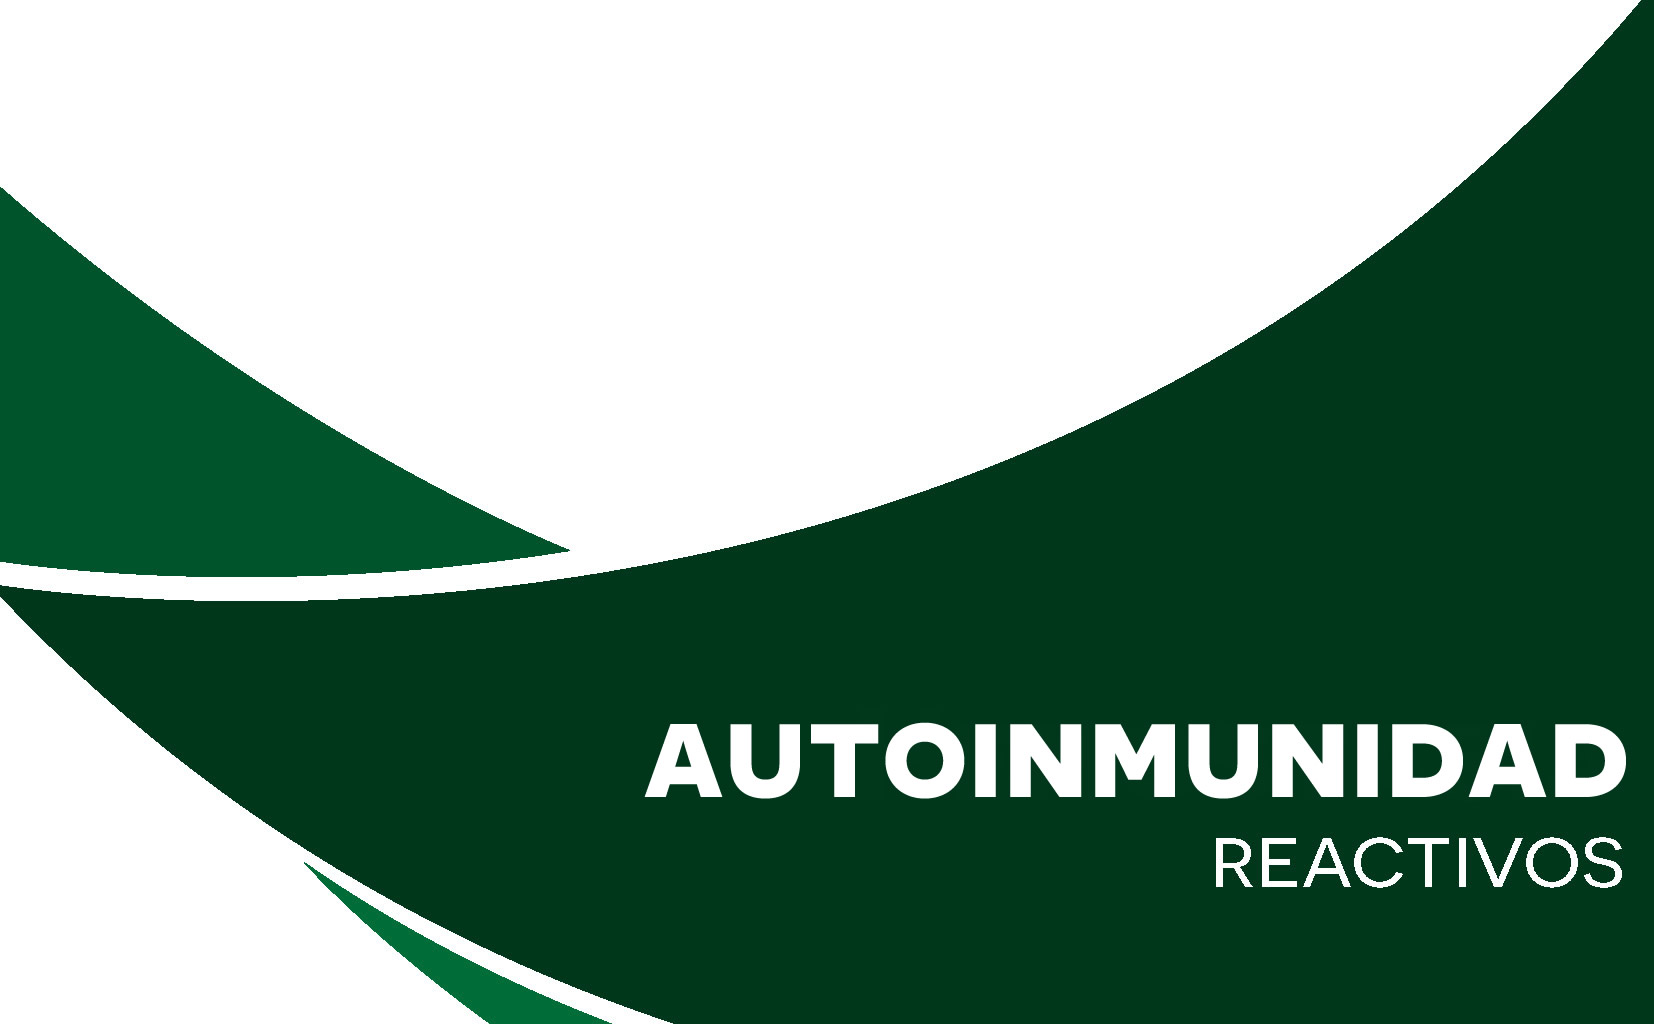 Listado de Reactivos para Autoinmunidad en Coech